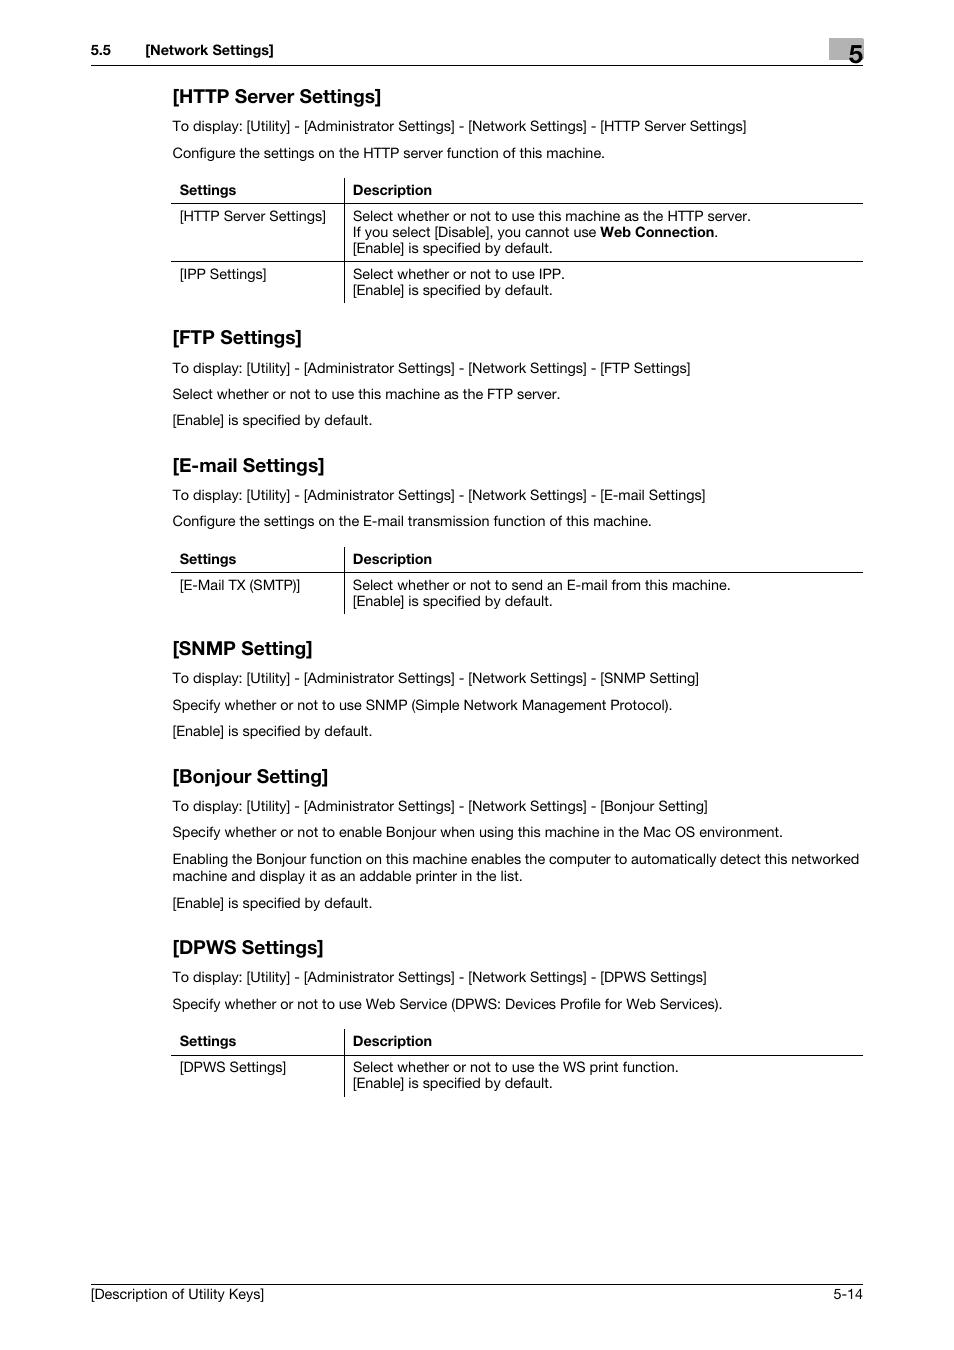 Http server settings, Ftp settings, E-mail settings | Konica Minolta